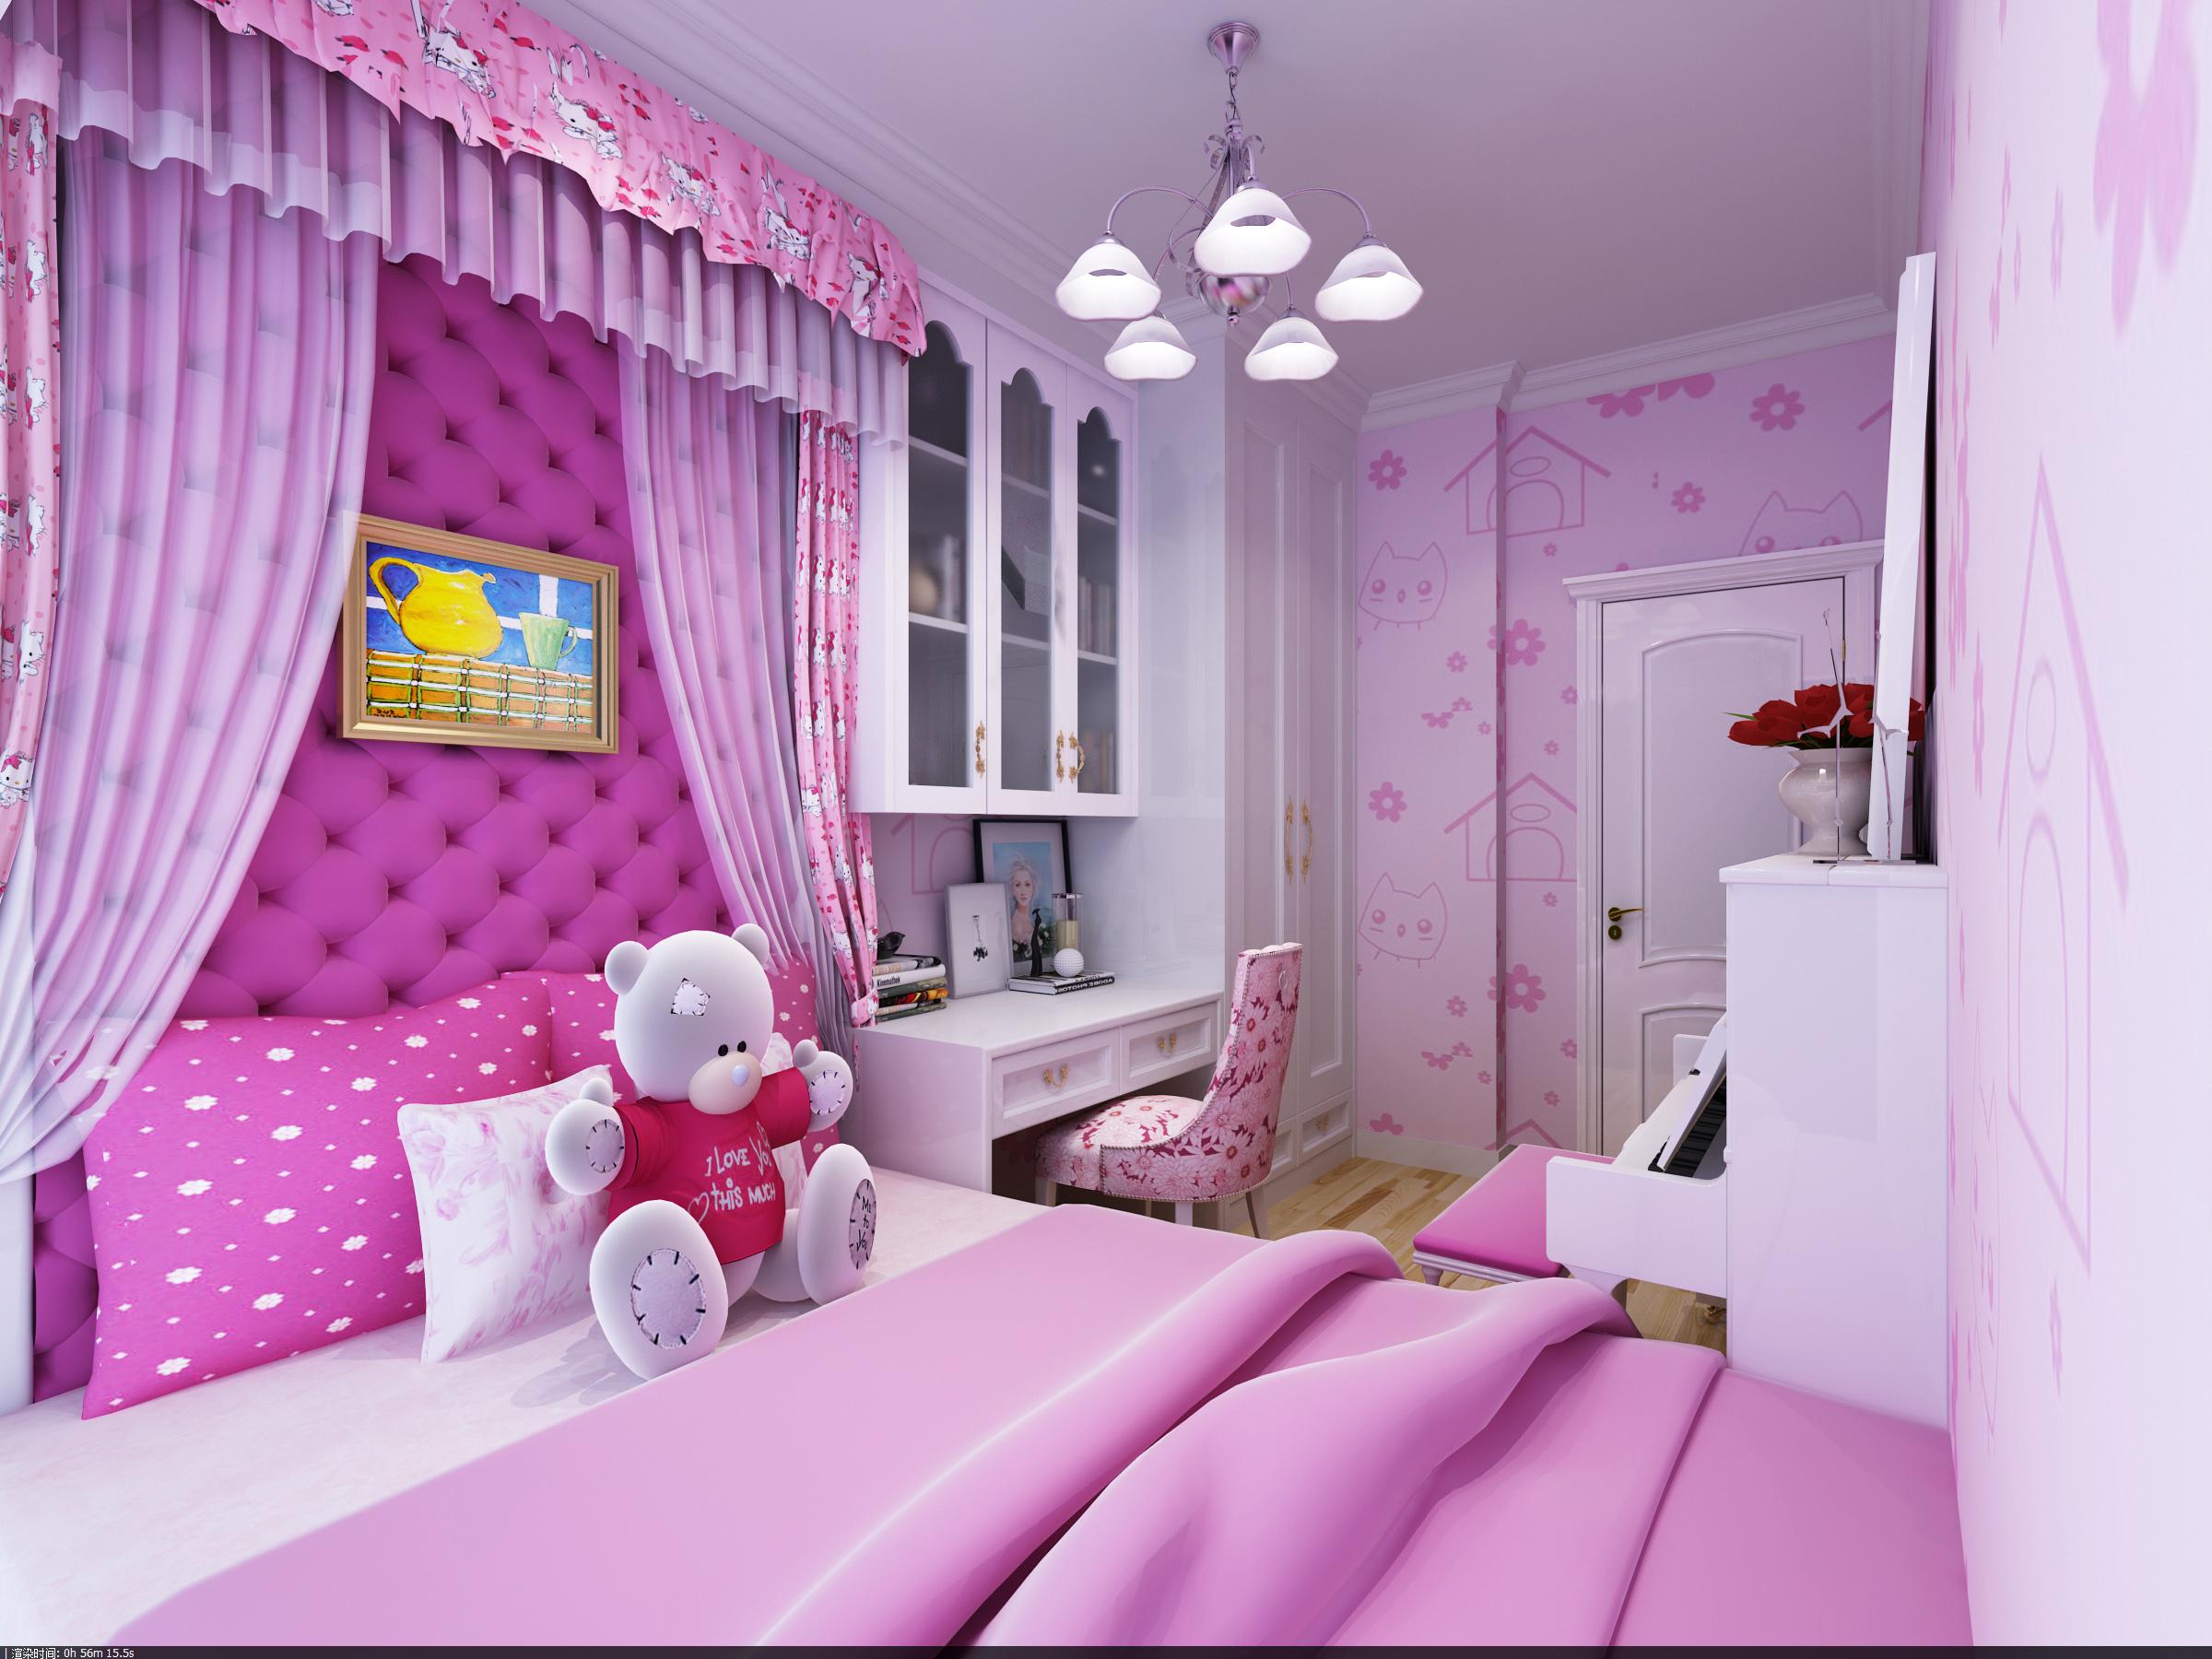 欧式 四居室 华府国际 自然元素 80后 收纳 儿童房 儿童房图片来自自然元素装饰马晓丹在华府国际12万轻松打造欧式风格的分享